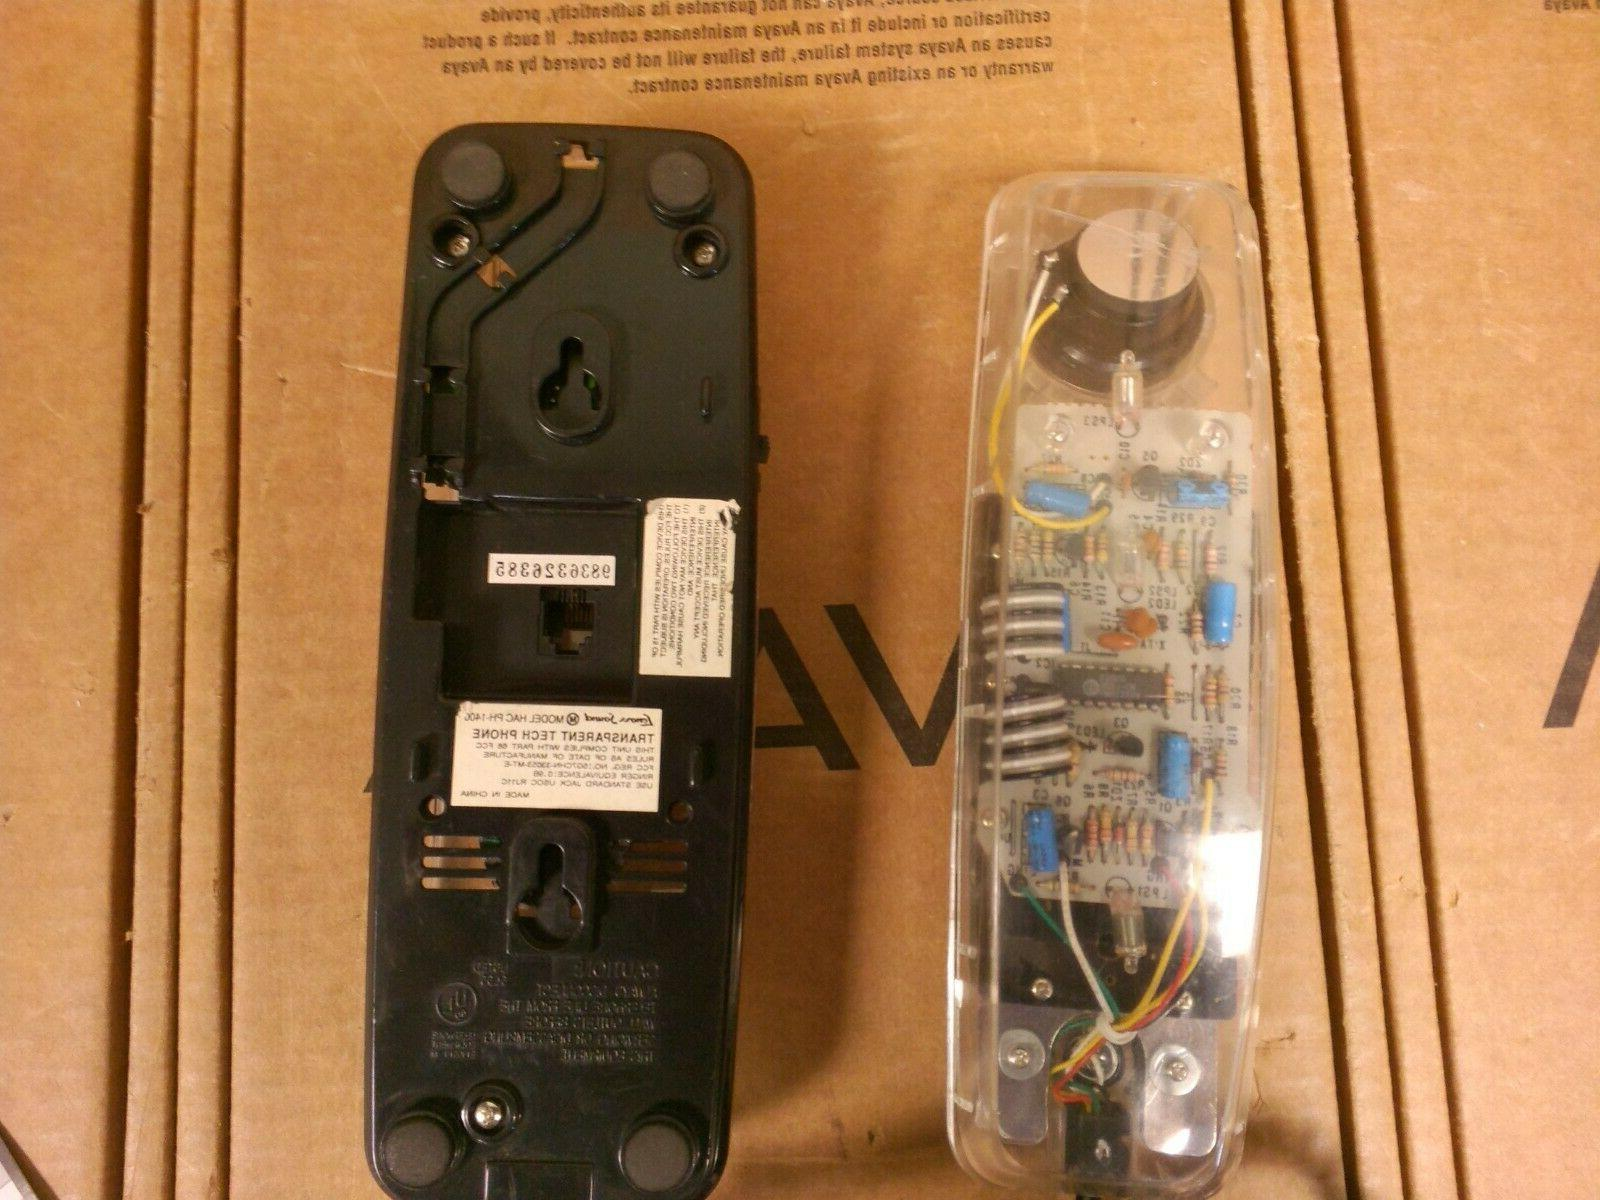 Vintage Lenoxx Model HAC PH-1400 Transparent Tech Phone